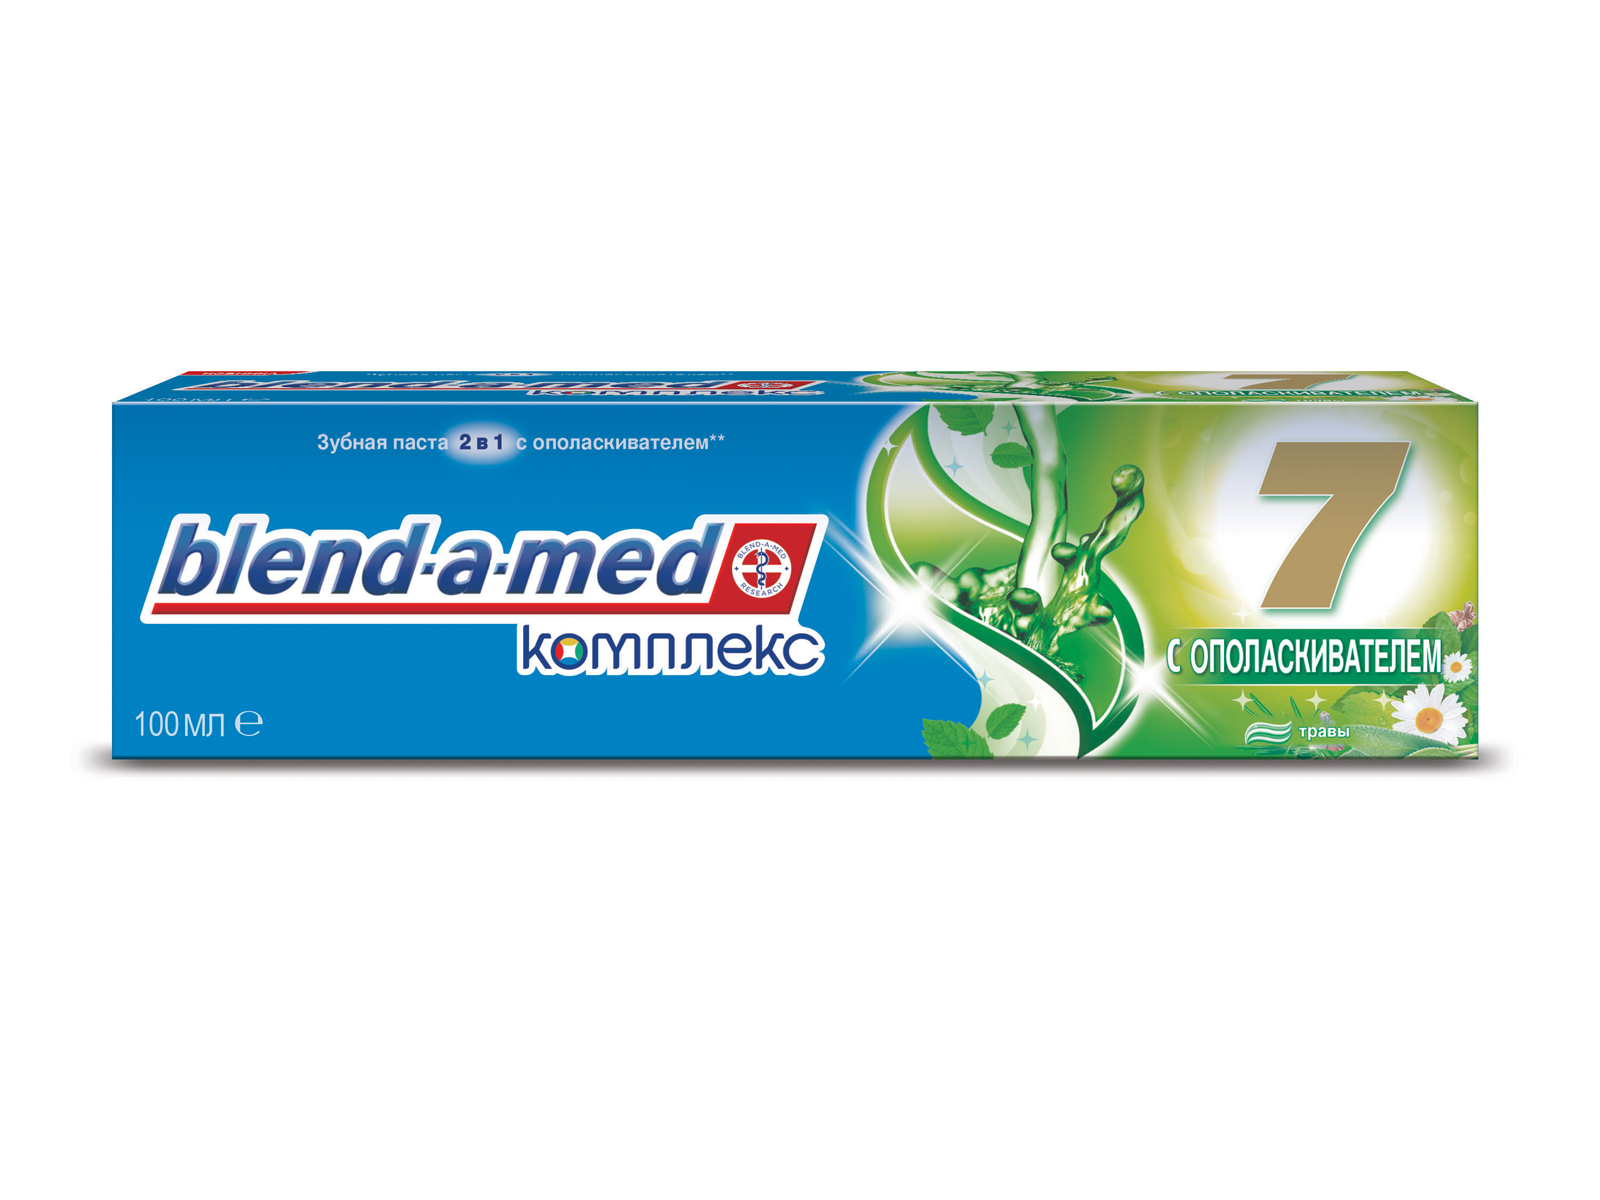 Blend-a-med Зубная паста Комплекс 7 Травы с ополаскивателем, 100 млBM-81417586Дары природы и новейшие технологии по уходу за деснами!Blend-a-med Комплекс 7 + Травы:- Объединяет дары природы и новейшие технологии Blend-a-med.- Содержит экстракты шалфея, ромашки, мелиссы, розмарина и мяты для активного ухода за деснами.Зубные пасты Blend-a-med Комплекс 7 защищают по семи признакам:- Бактериальный налет. - Кариес зубов. - Проблемы дёсен.- Кариес корня. - Зубной камень.- Тёмный налёт.- Несвежее дыхание.Комплекс 7 обеспечивает быструю, простую и легкую защиту всей полости рта, и вы можете наслаждаться жизнью, не беспокоясь о здоровье ваших зубов!Ощутите бодрящий эффект травяного сбора из семян аниса, эвкалипта и мяты в Blend-a-med Комплекс 7 + Травы.Blend-a-med рекомендует использовать зубную пасту Комплекс 7 + Травы с зубной щеткой Oral-B Комплекс..Попробуйте новый Blend-a-med Комплекс 7 Травы с ополаскивателем.- Обеспечивает качественный уход за здоровьем полости рта.- Комплексная защита всё полости рта.- При регулярном применении помогает улучшить состояние полости рта.- Комплекс 7 обеспечивает быструю, простую и легкую защиту всей полости рта, и вы можете наслаждаться жизнью, не беспокоясь о здоровье ваших зубов.Срок хранения – 3 года.«Проктер энд Гэмбл», Германия.